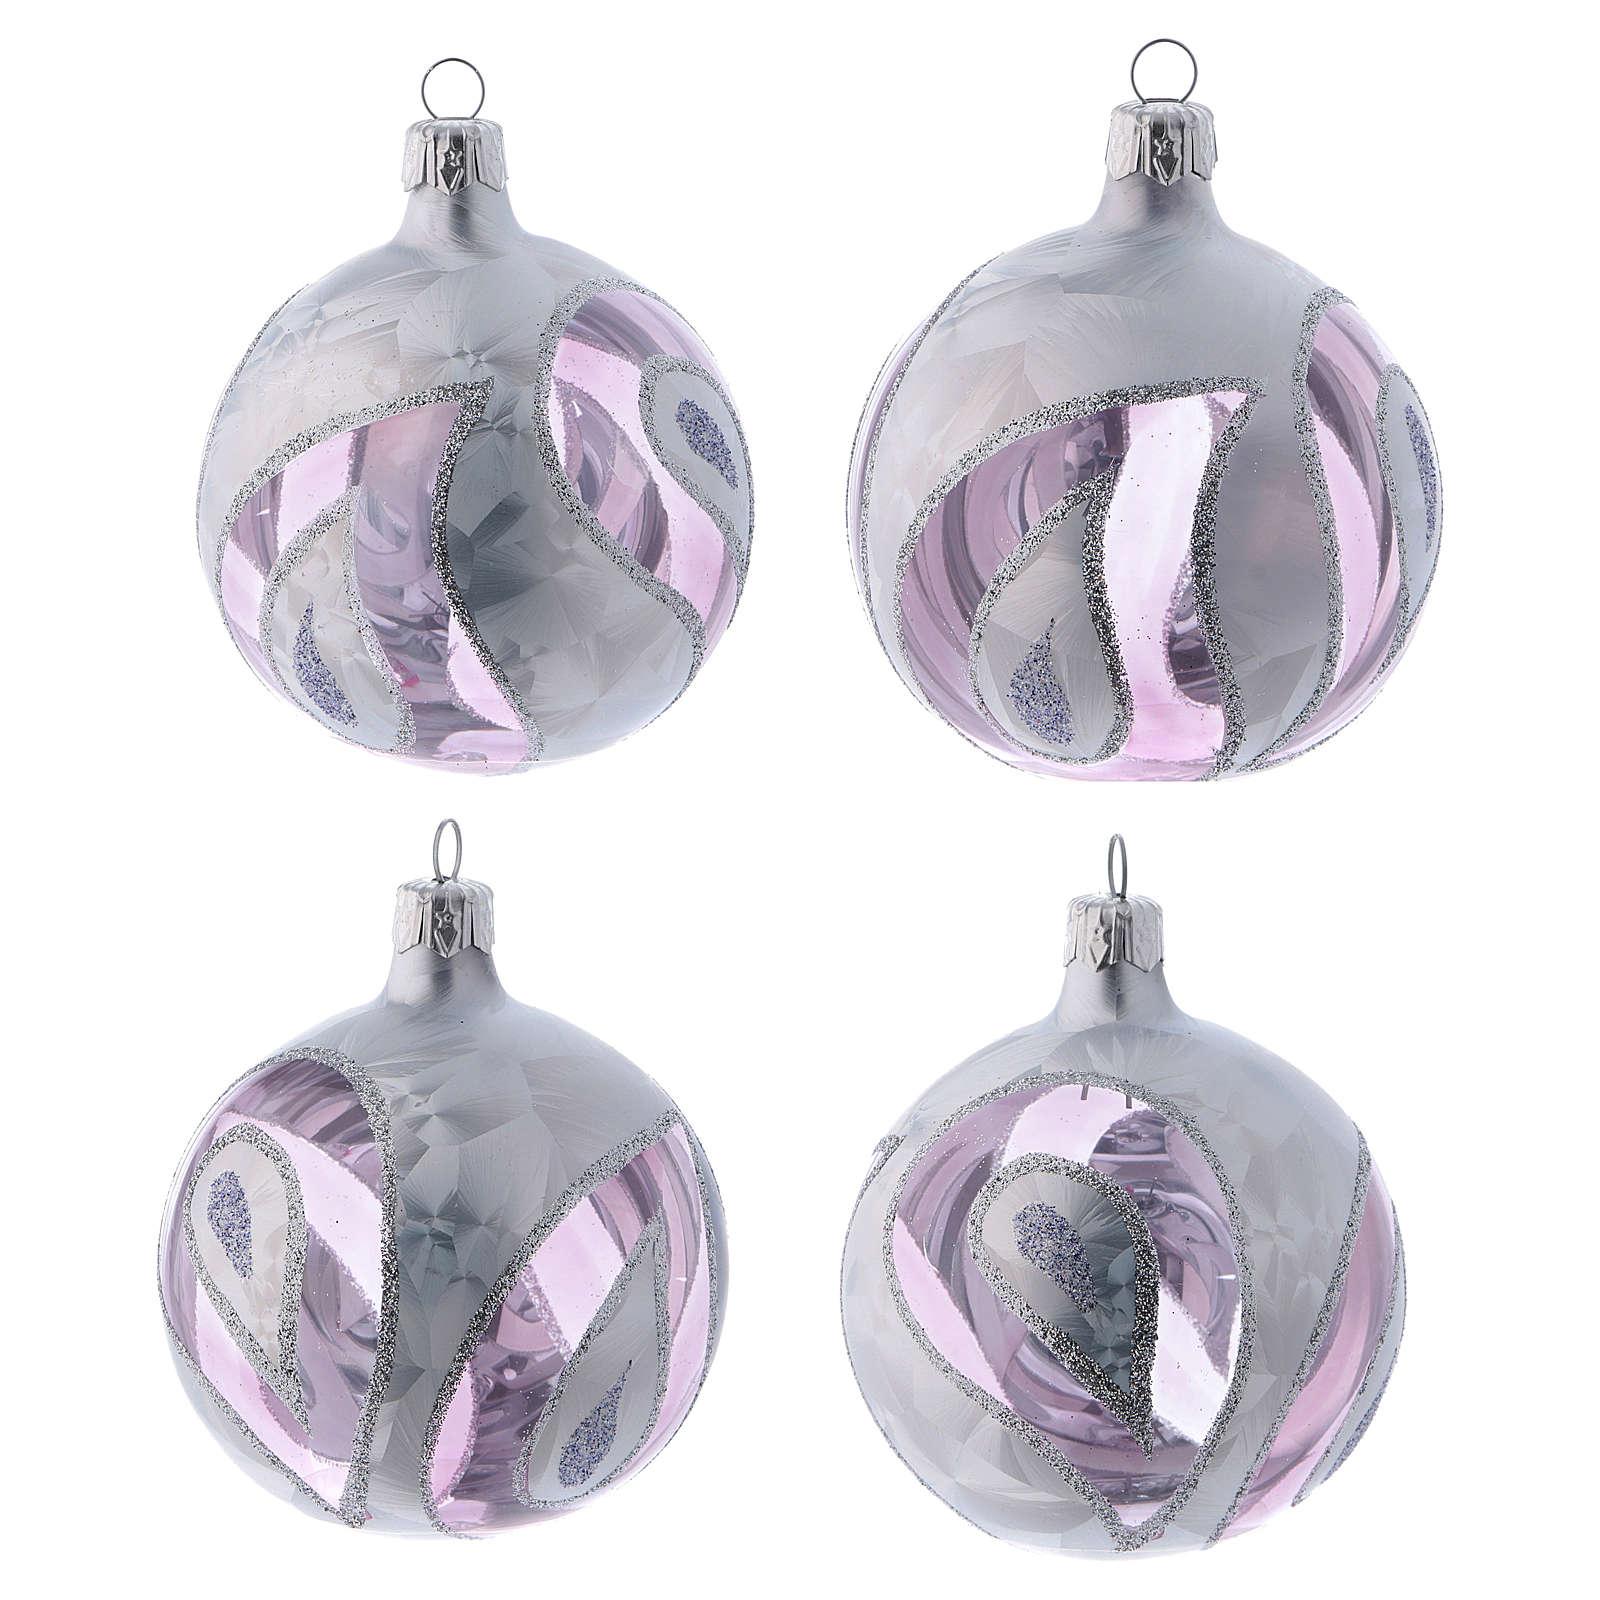 Boules Noël verre transparent avec décoration effet glace 80 mm 4 pcs 4